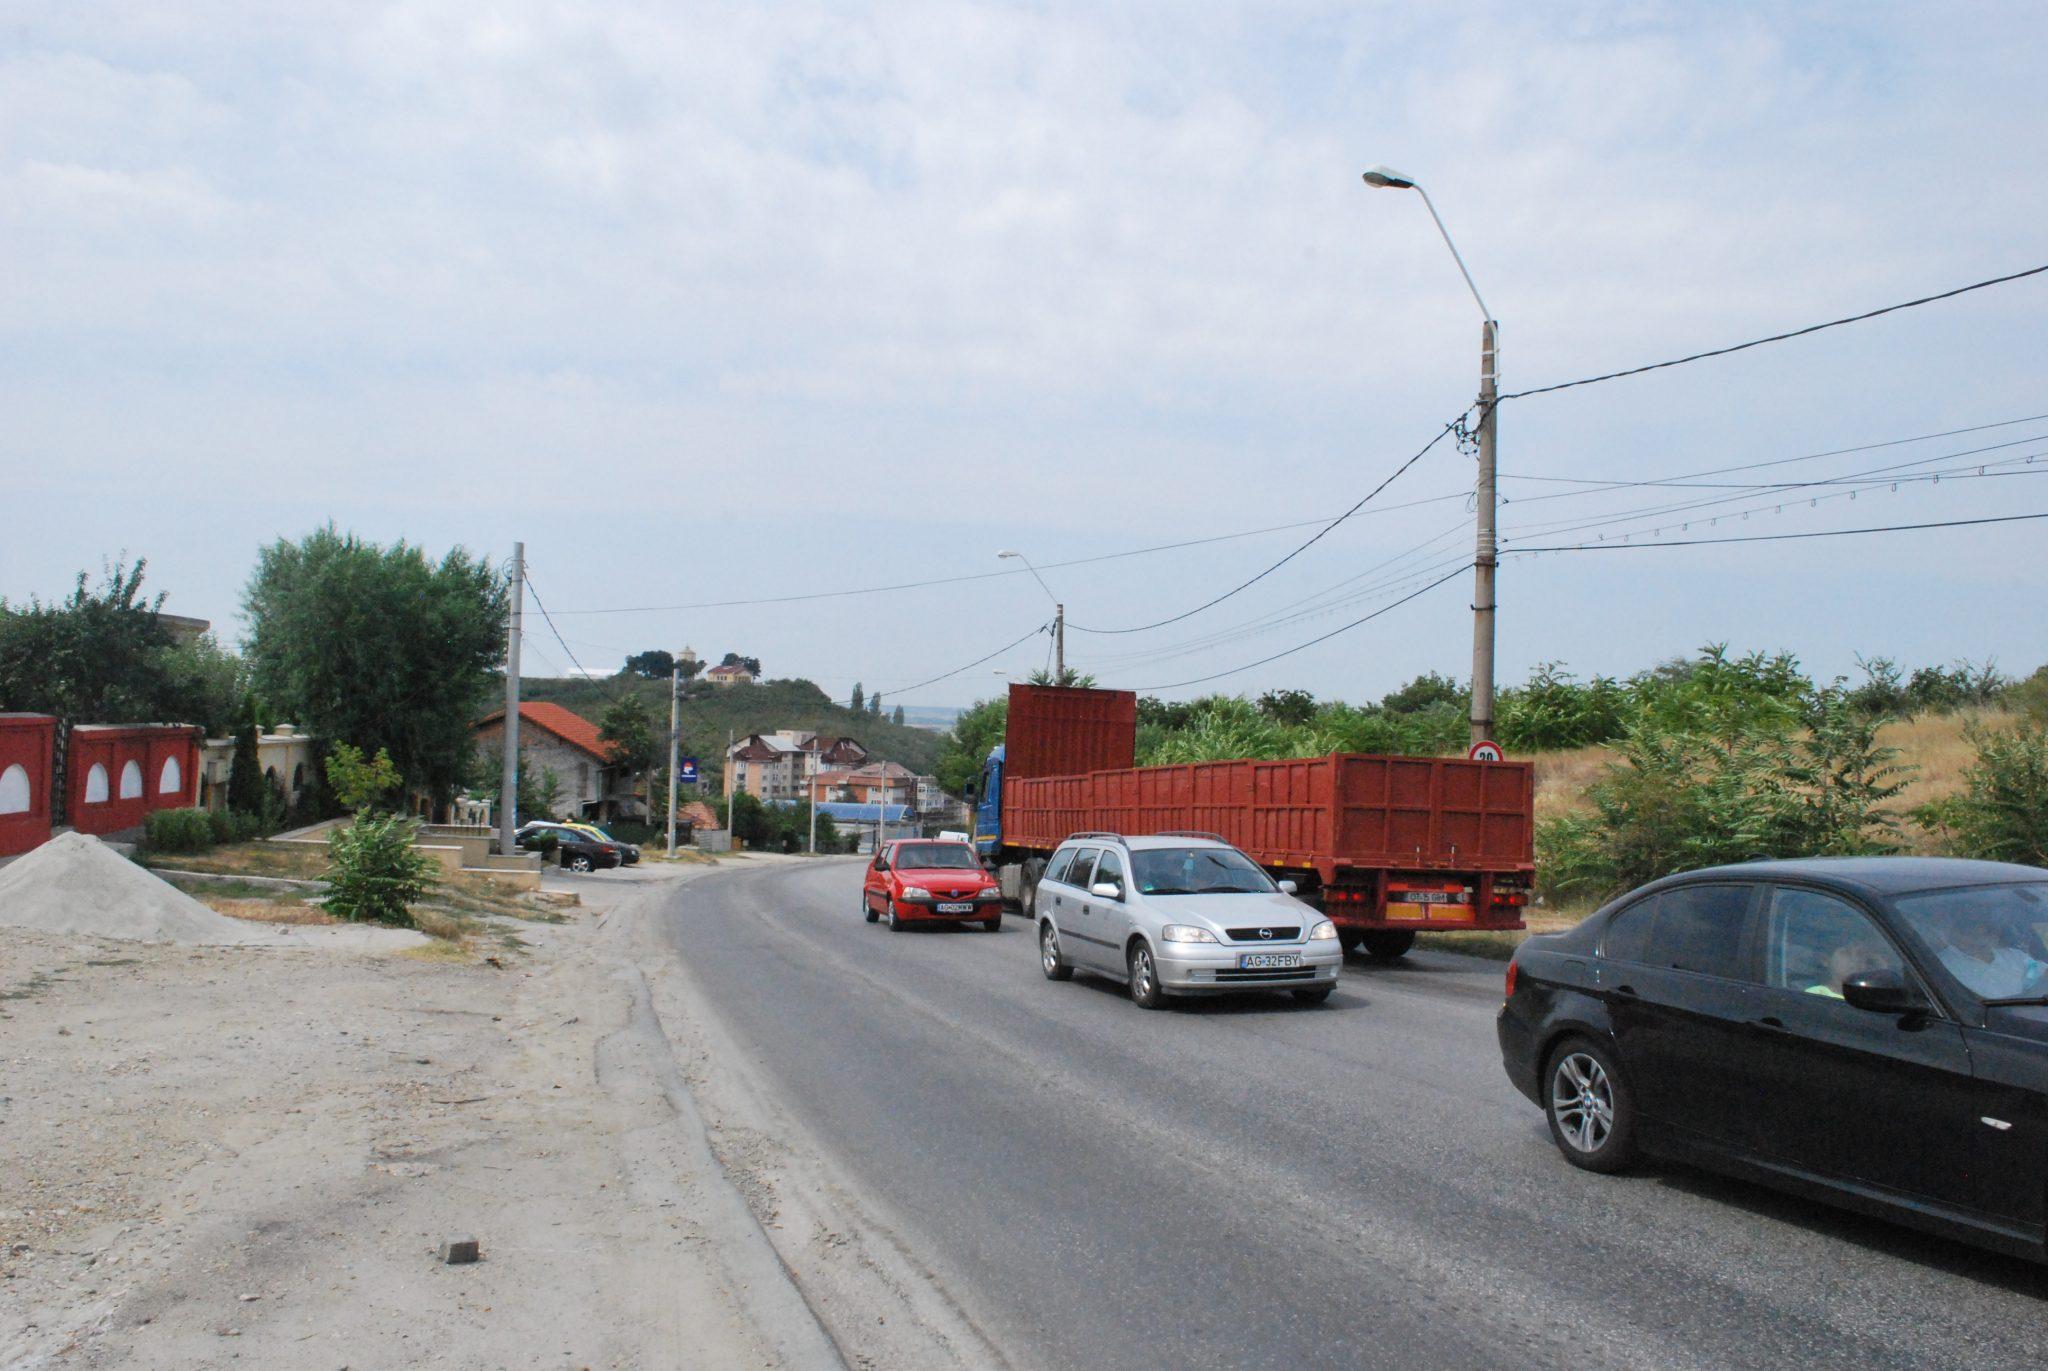 Primăria Slatina cheltuieşte 48 milioane lei pentru reabilitarea unei străzi ce serveşte drept variantă ocolitoare şi se află într-o stare deplorabilă